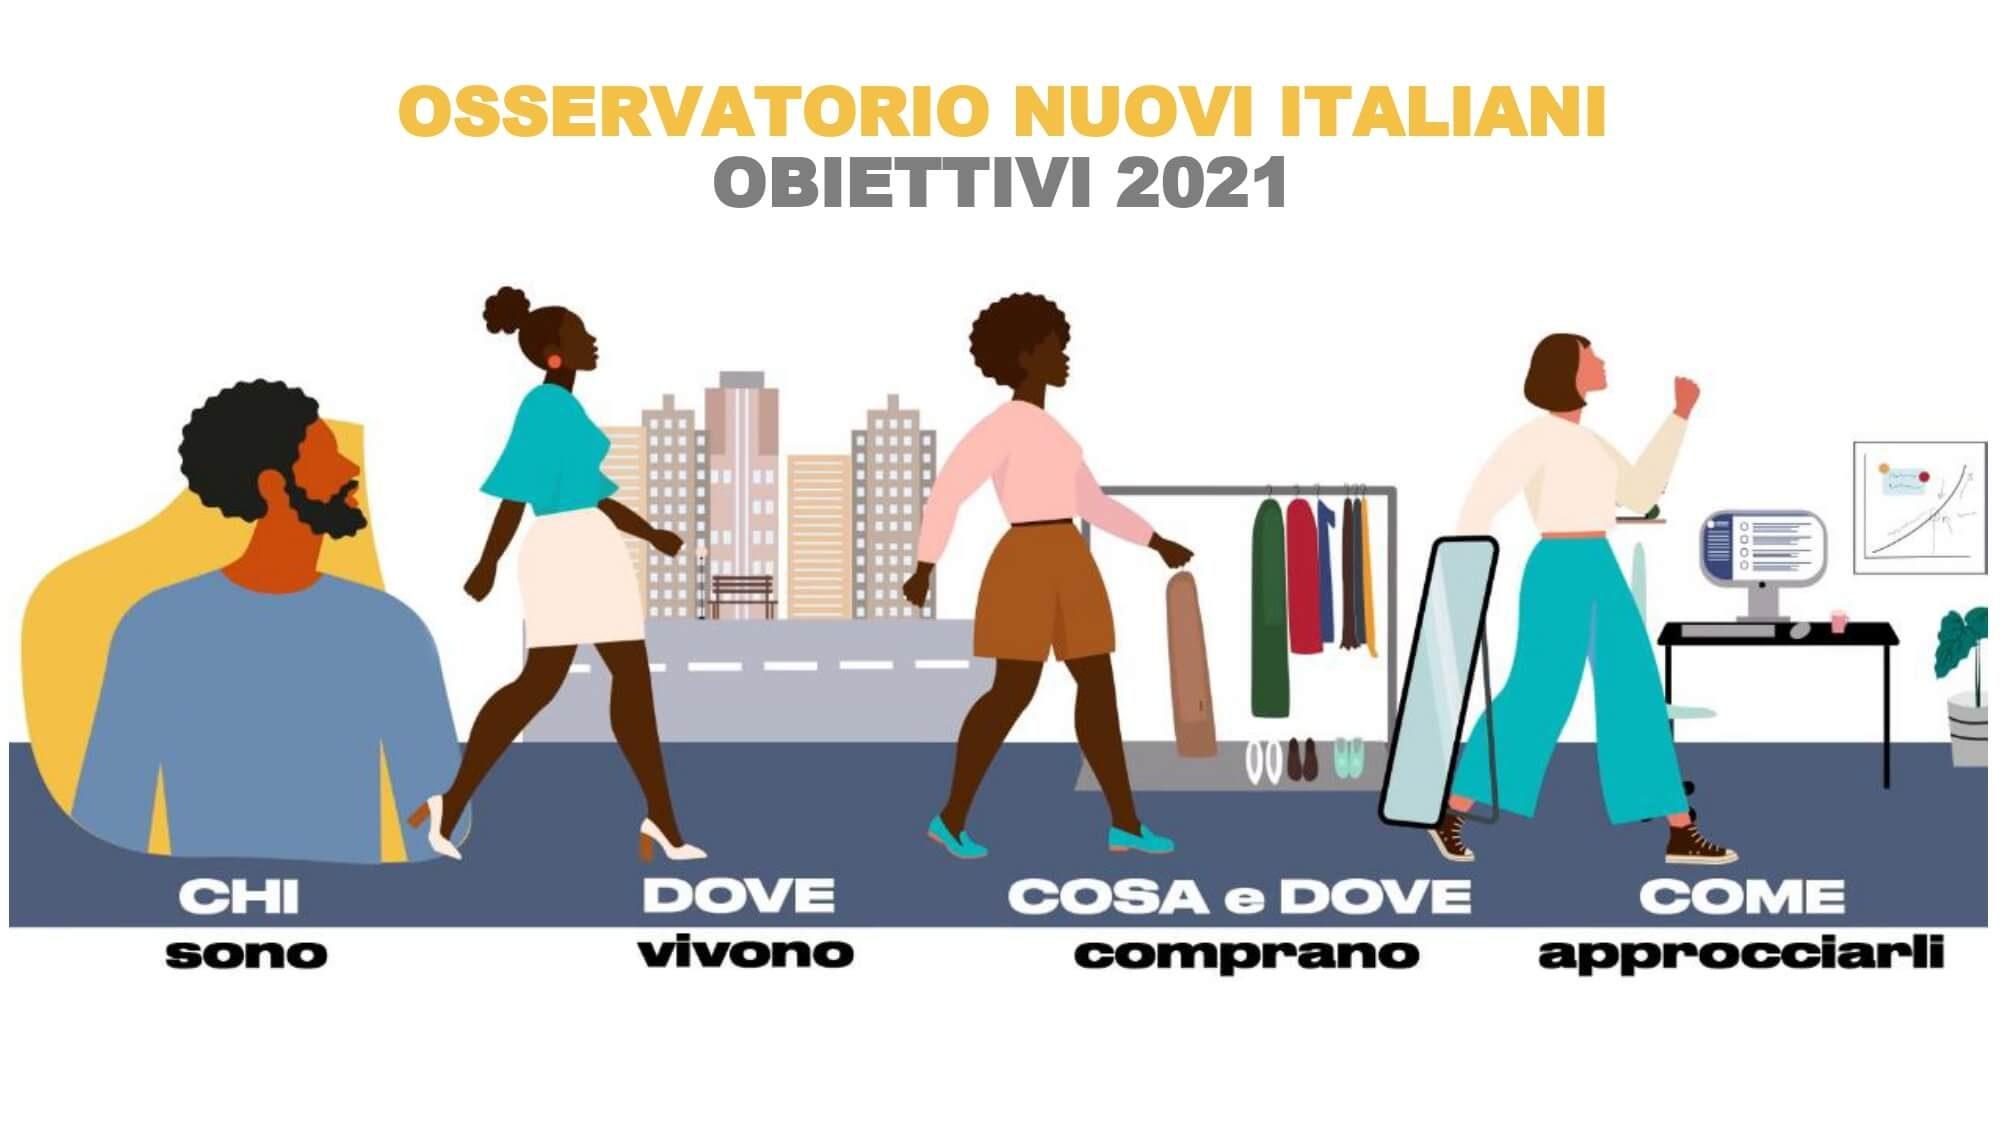 Osservatorio Nuovi Italiani 2021 02